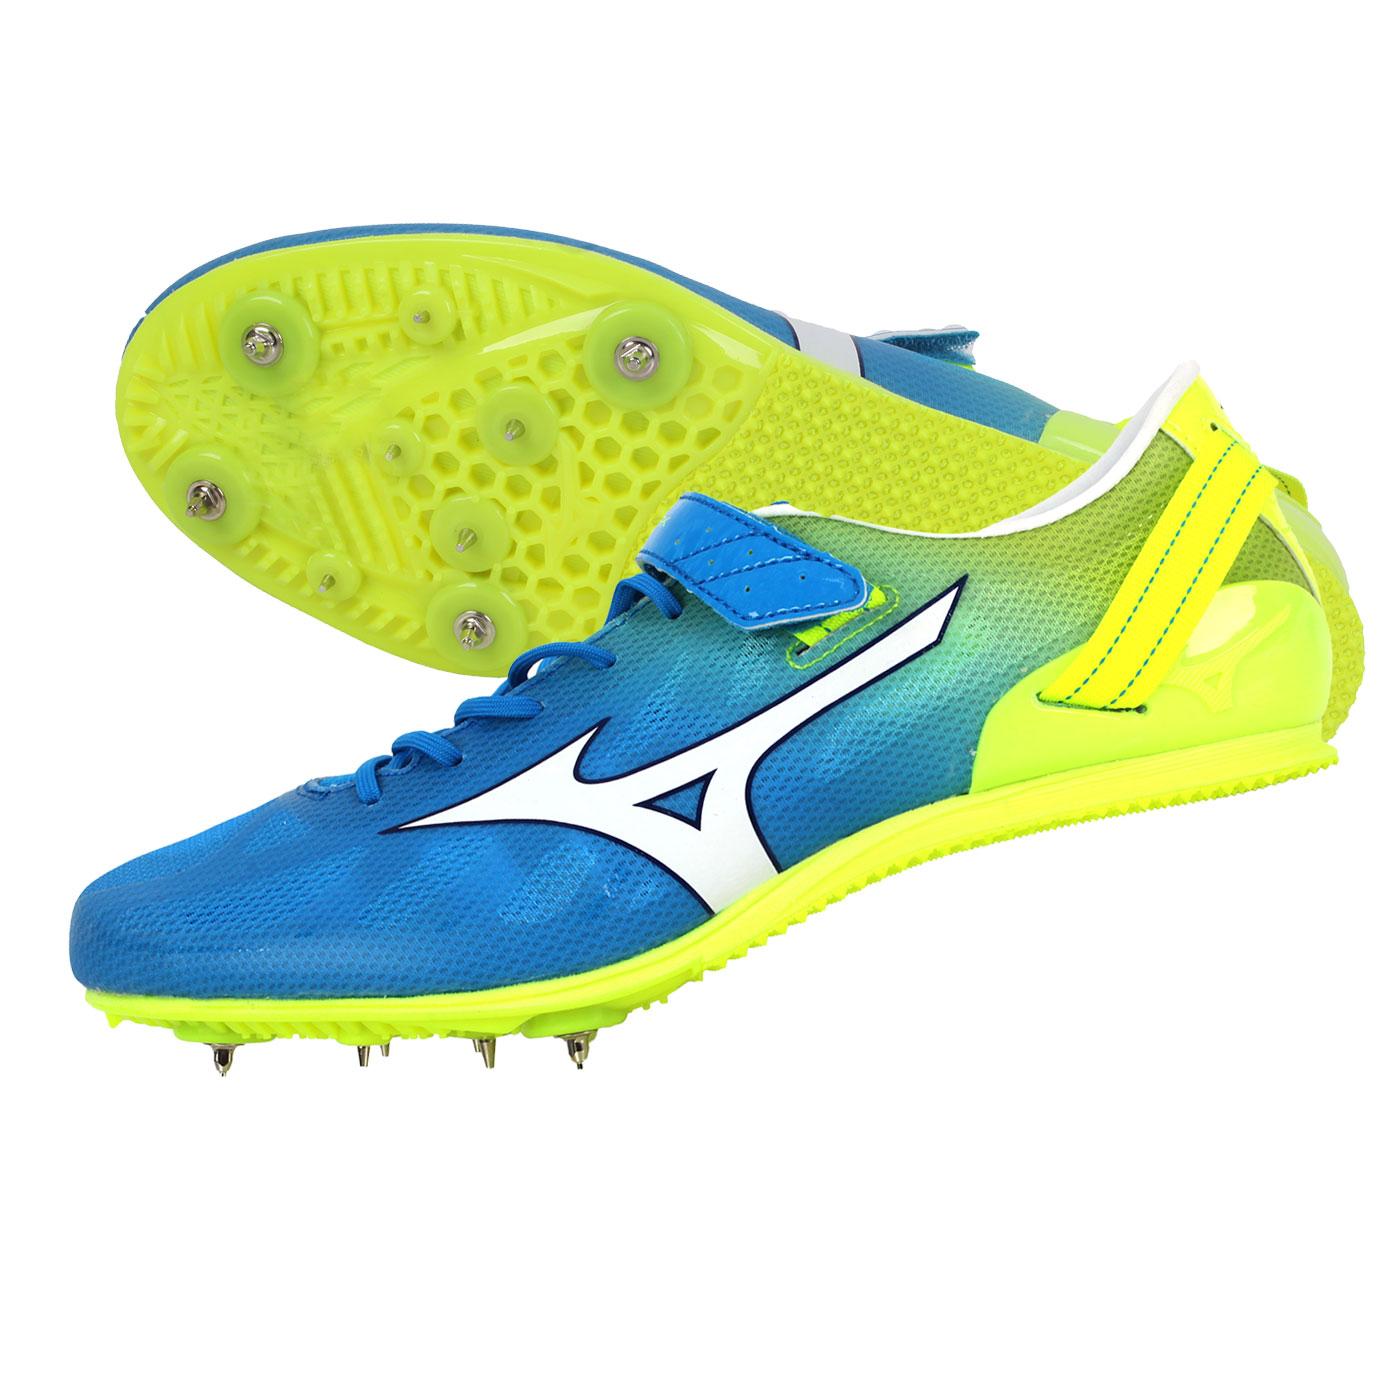 MIZUNO 田徑釘鞋  @GEO STREAK@U1GA161325 - 水藍螢光黃